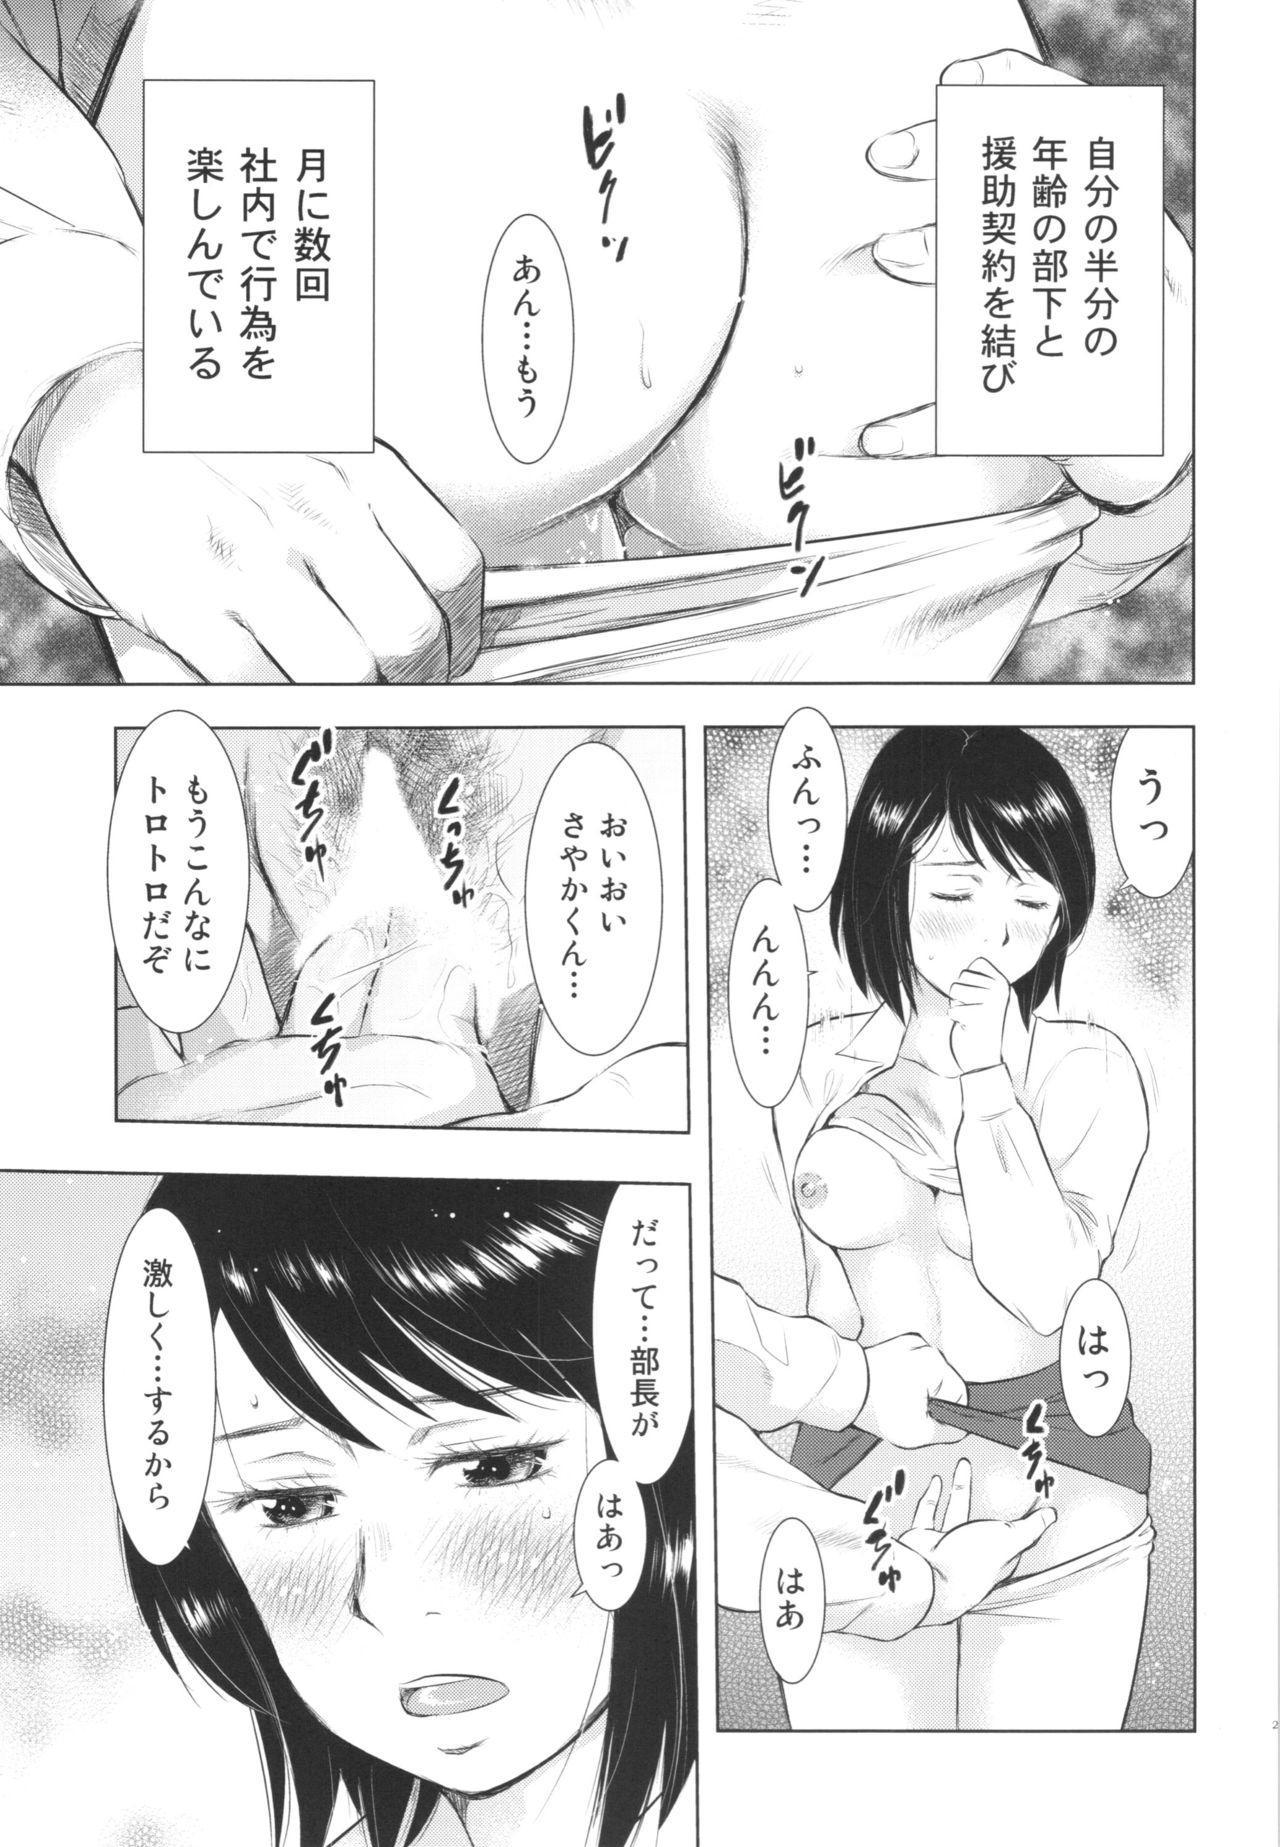 Hitozuma Zukan 2 28